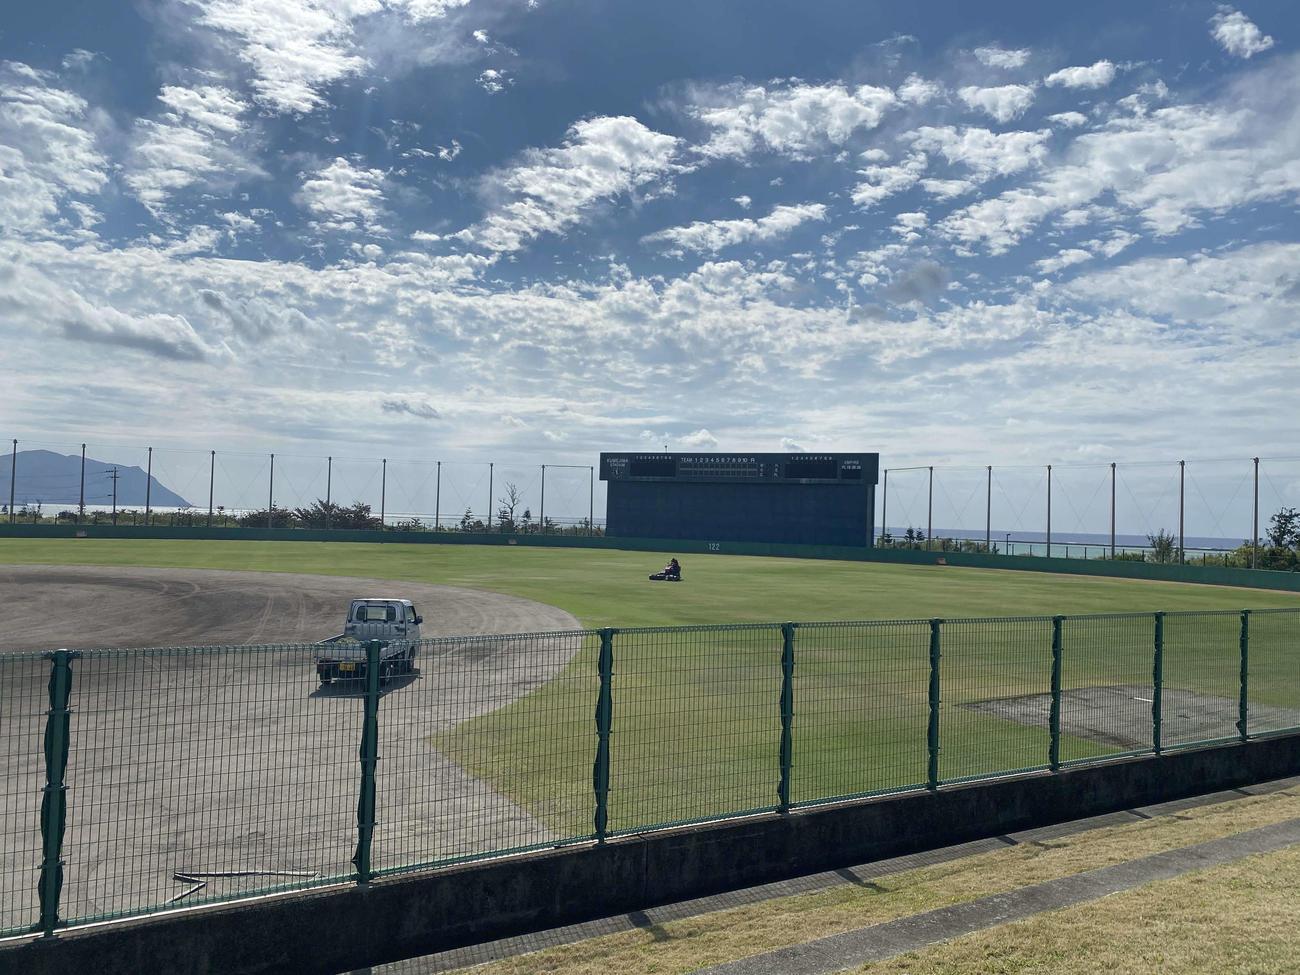 楽天の春季キャンプが行われていた久米島野球場のグラウンド内(撮影・桑原幹久)